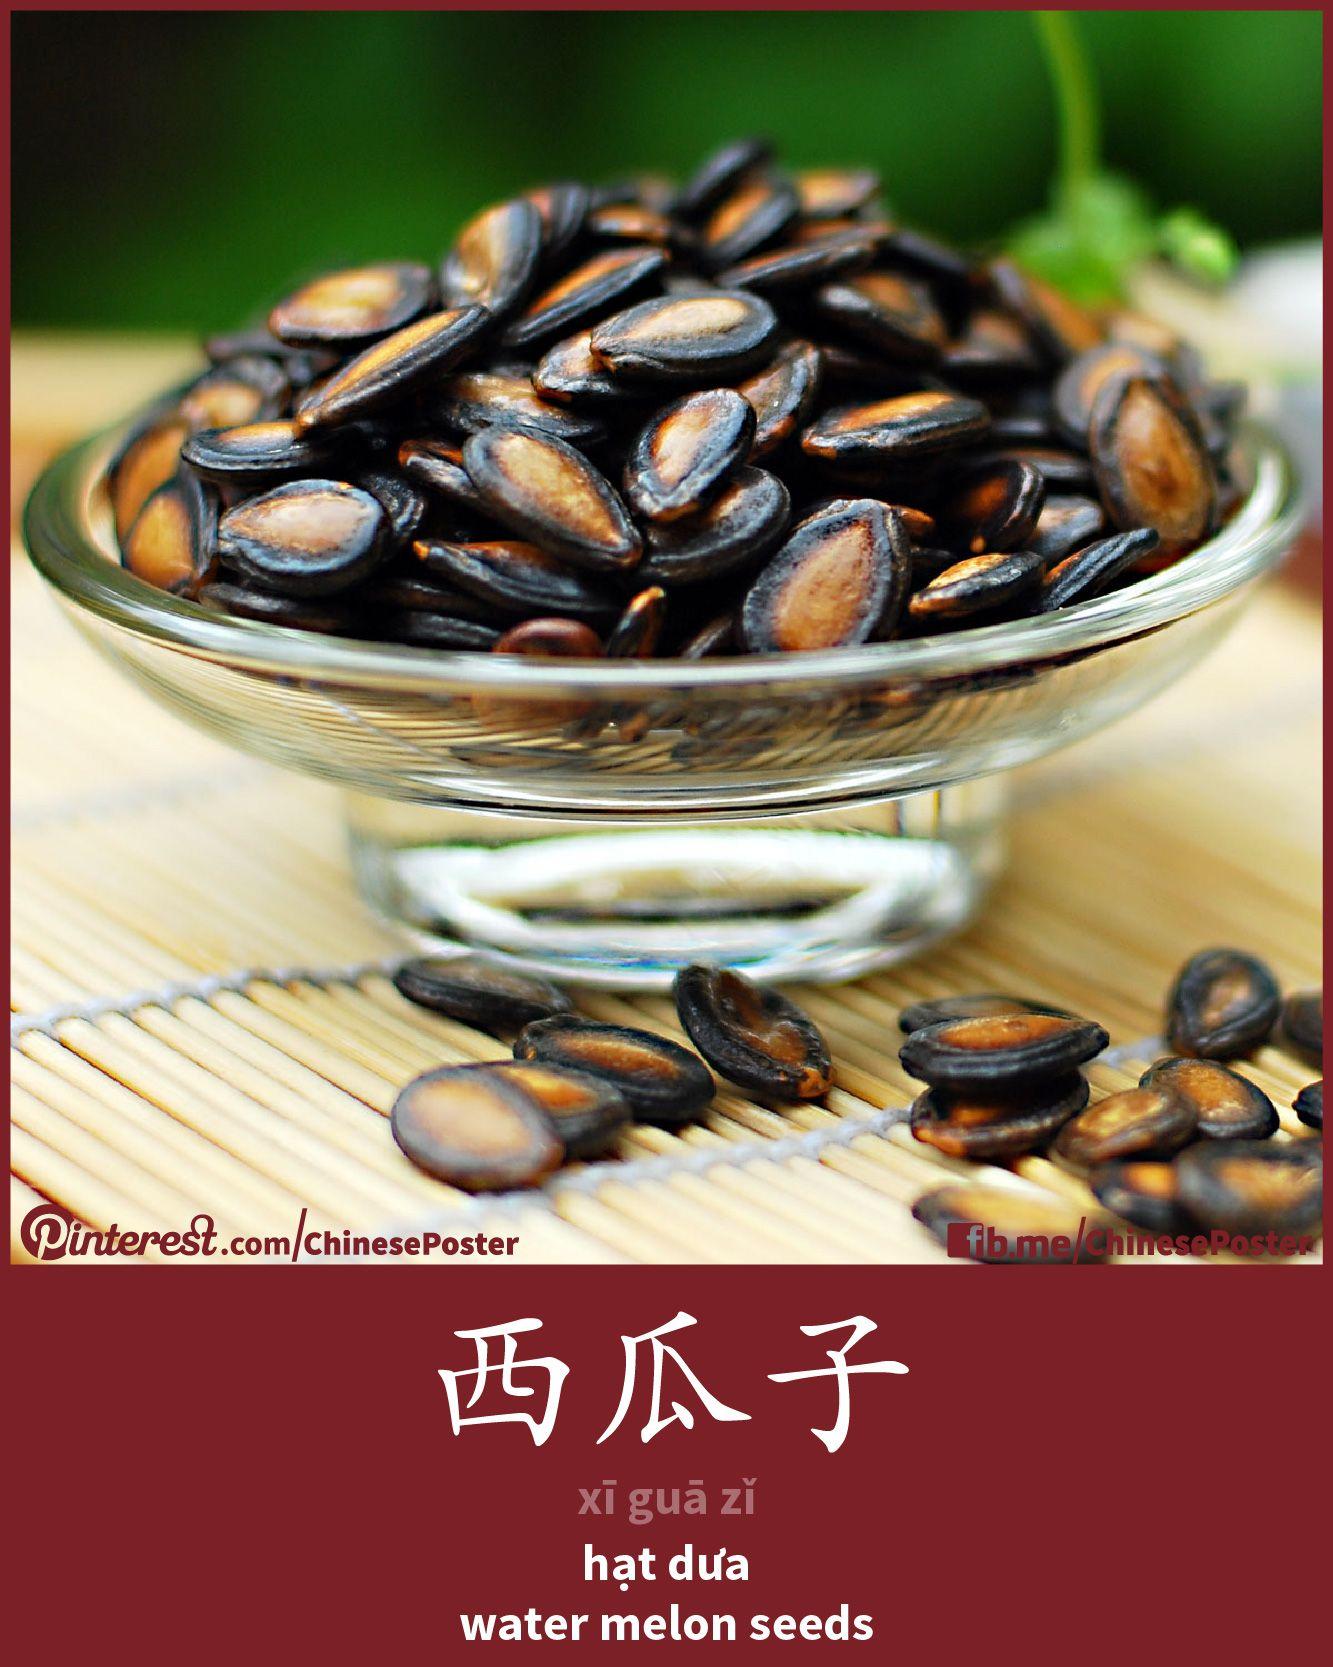 西瓜子 - xī guā zǐ - hạt dưa - water melon seeds | Chinese Poster ...